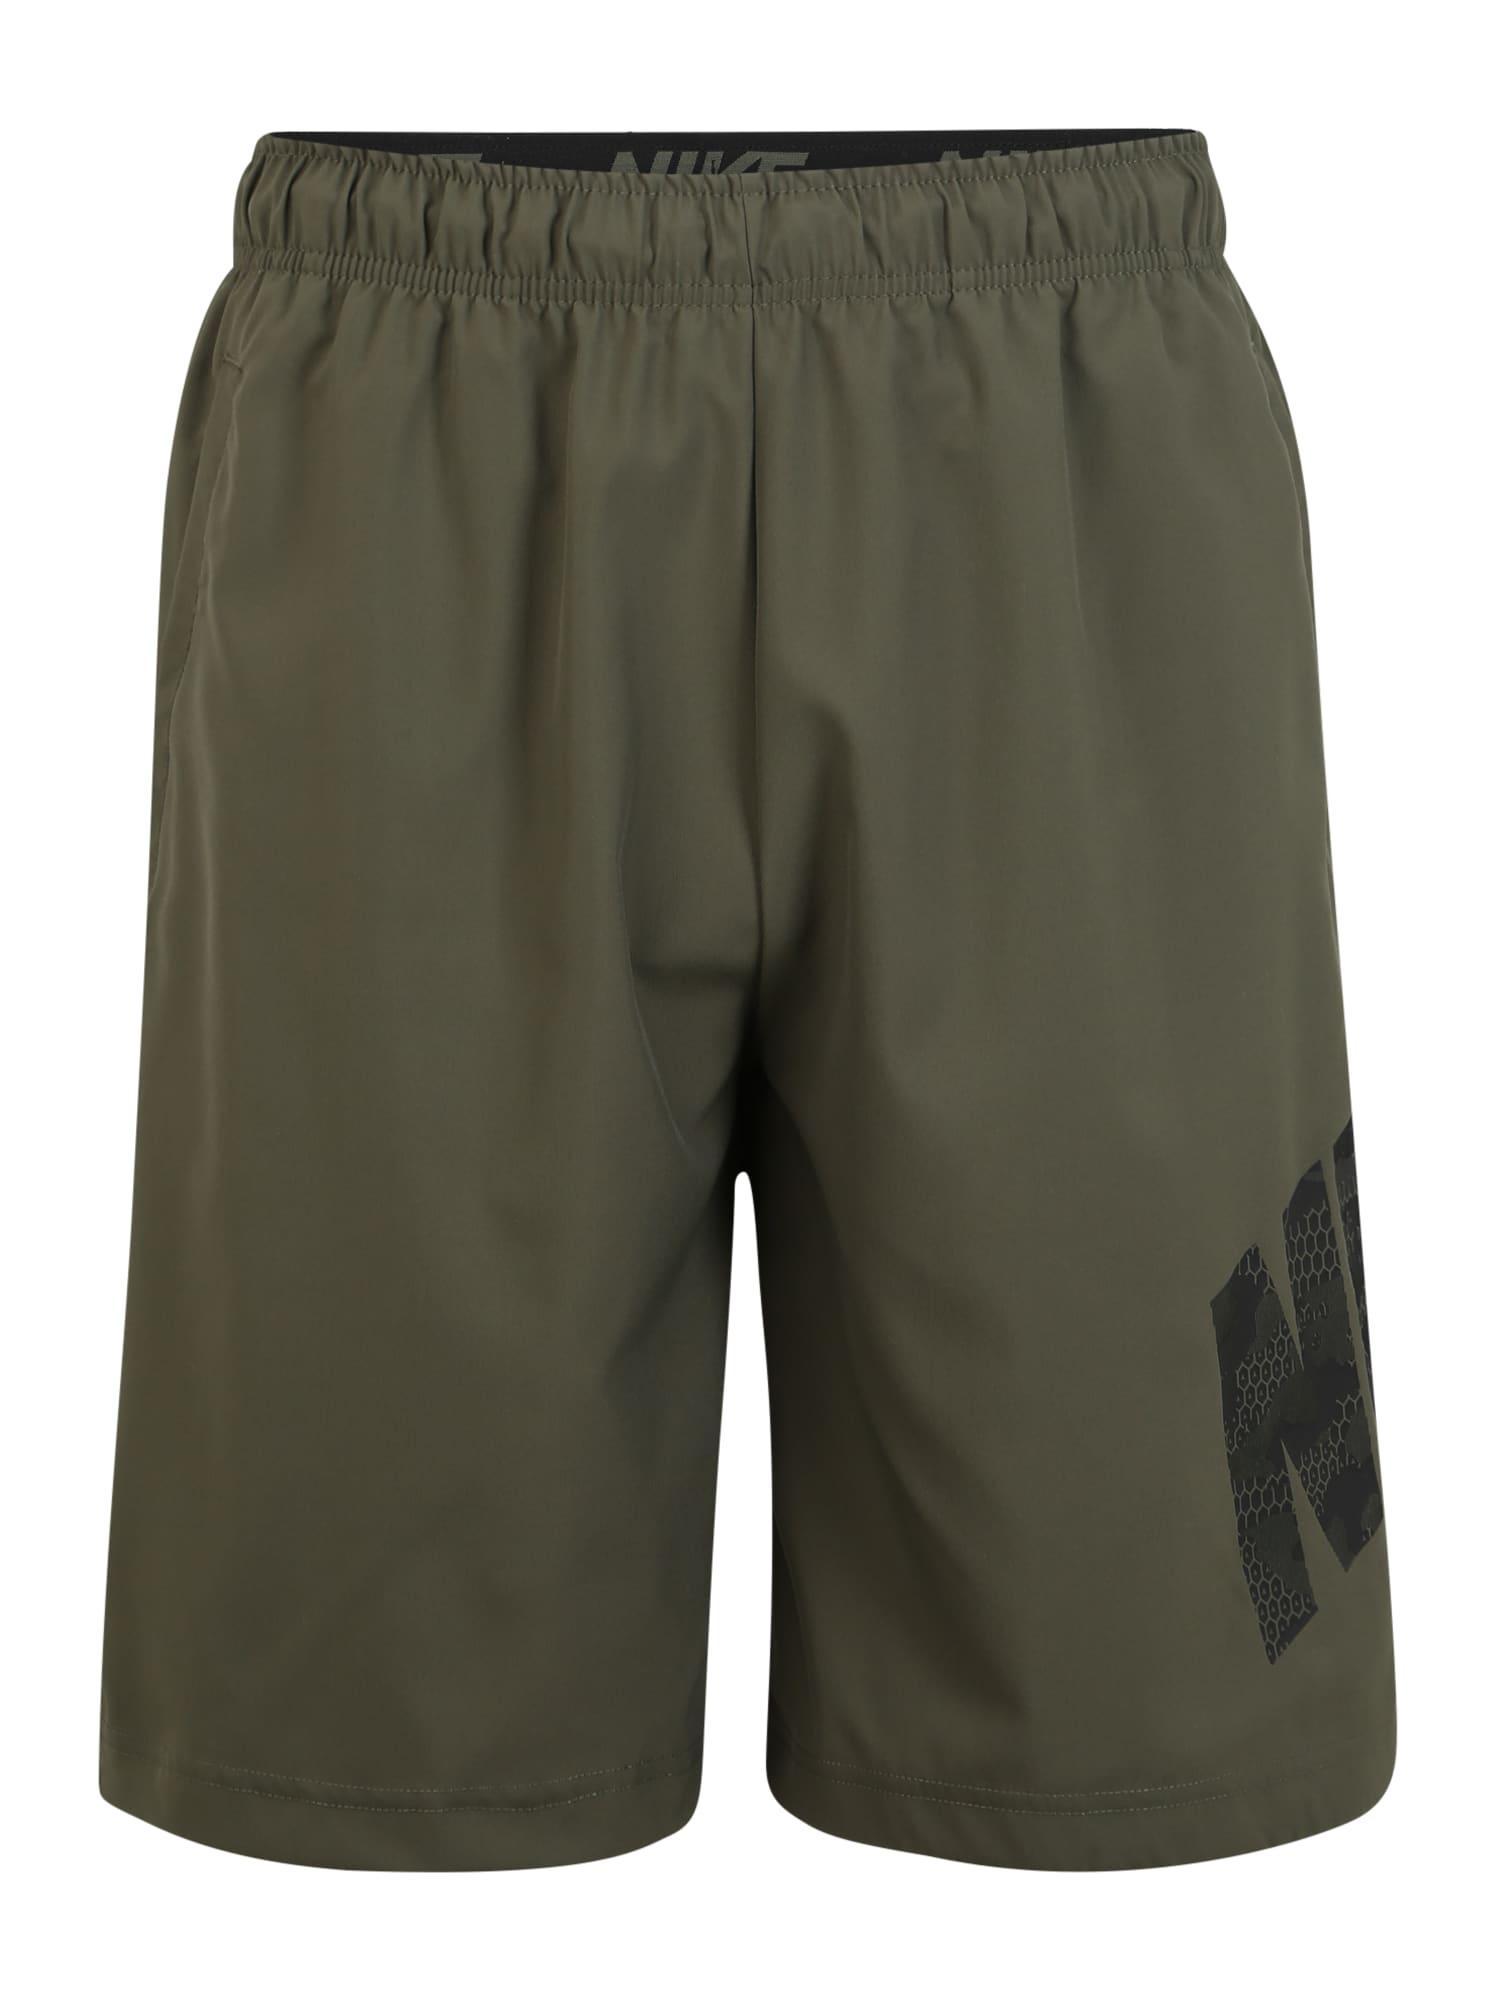 NIKE Sportinės kelnės 'Flex' alyvuogių spalva